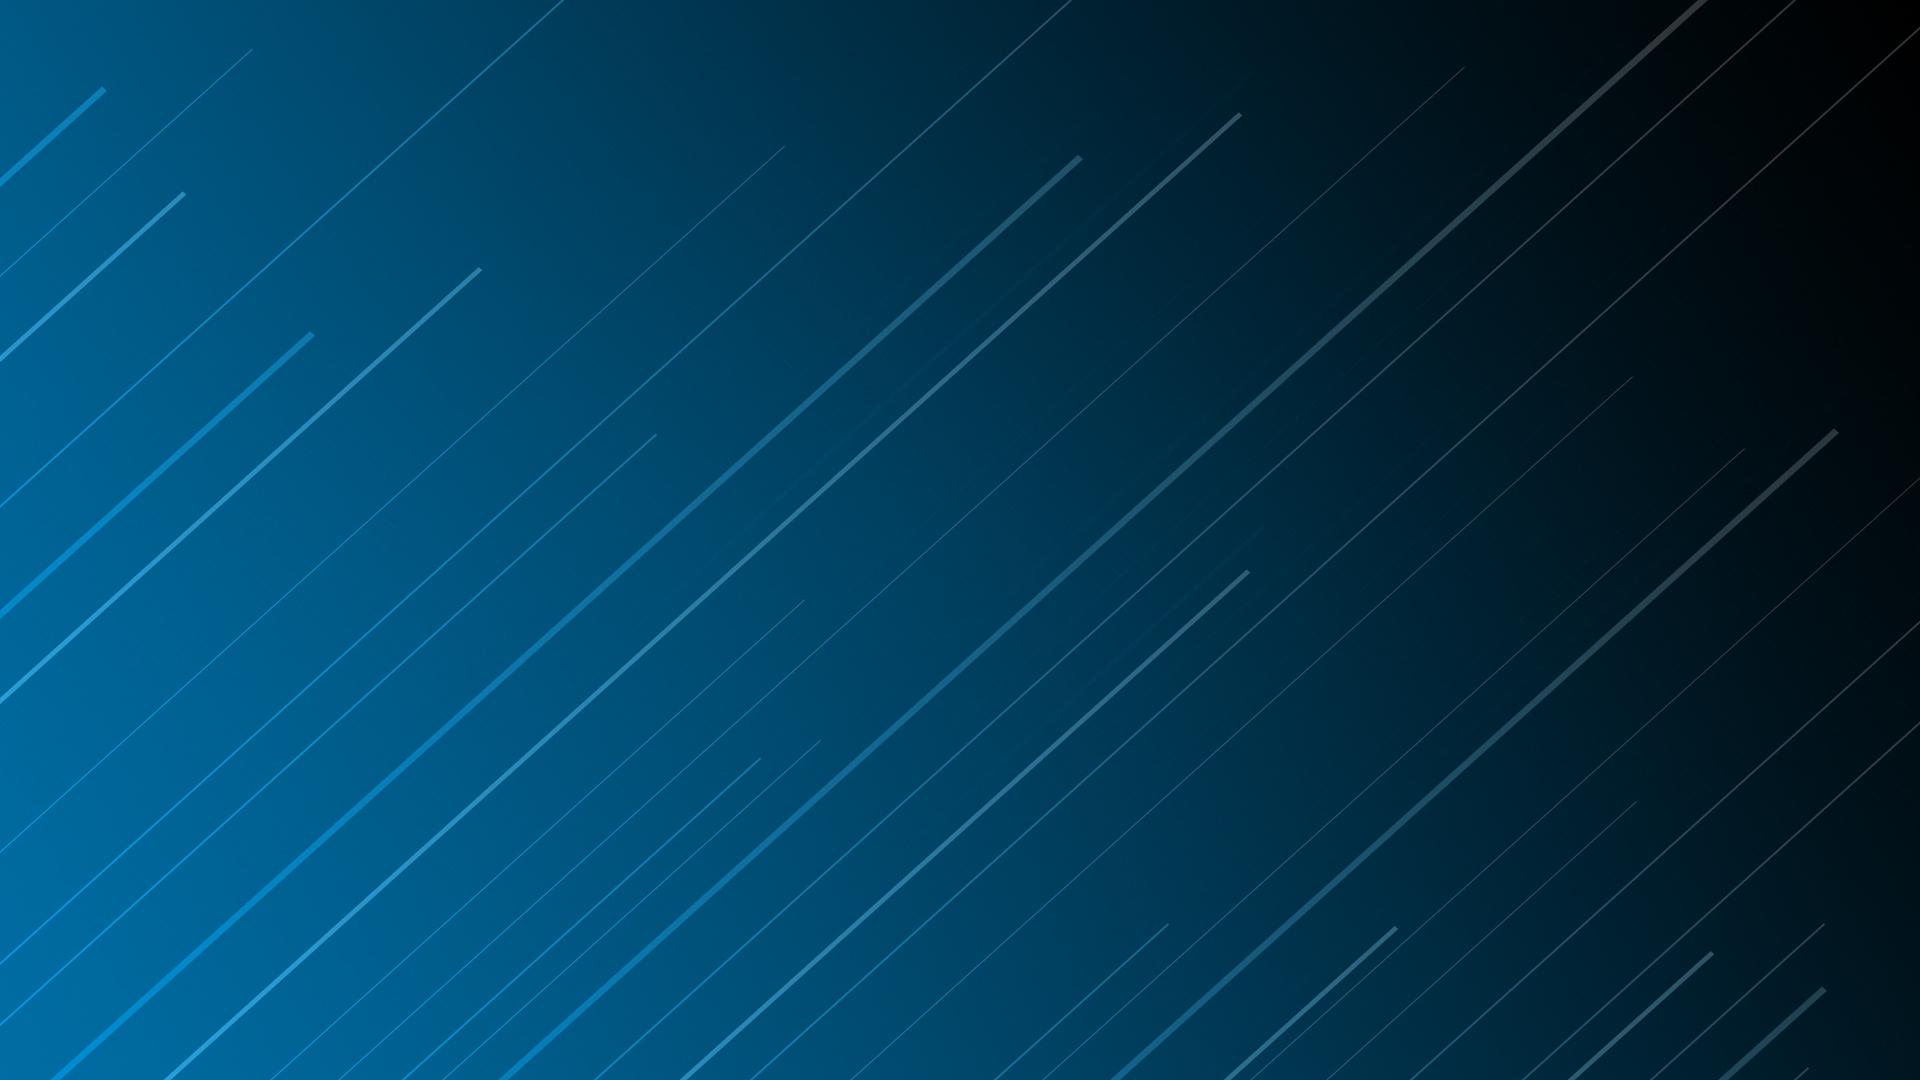 синяя абстракция линия графика онлайн